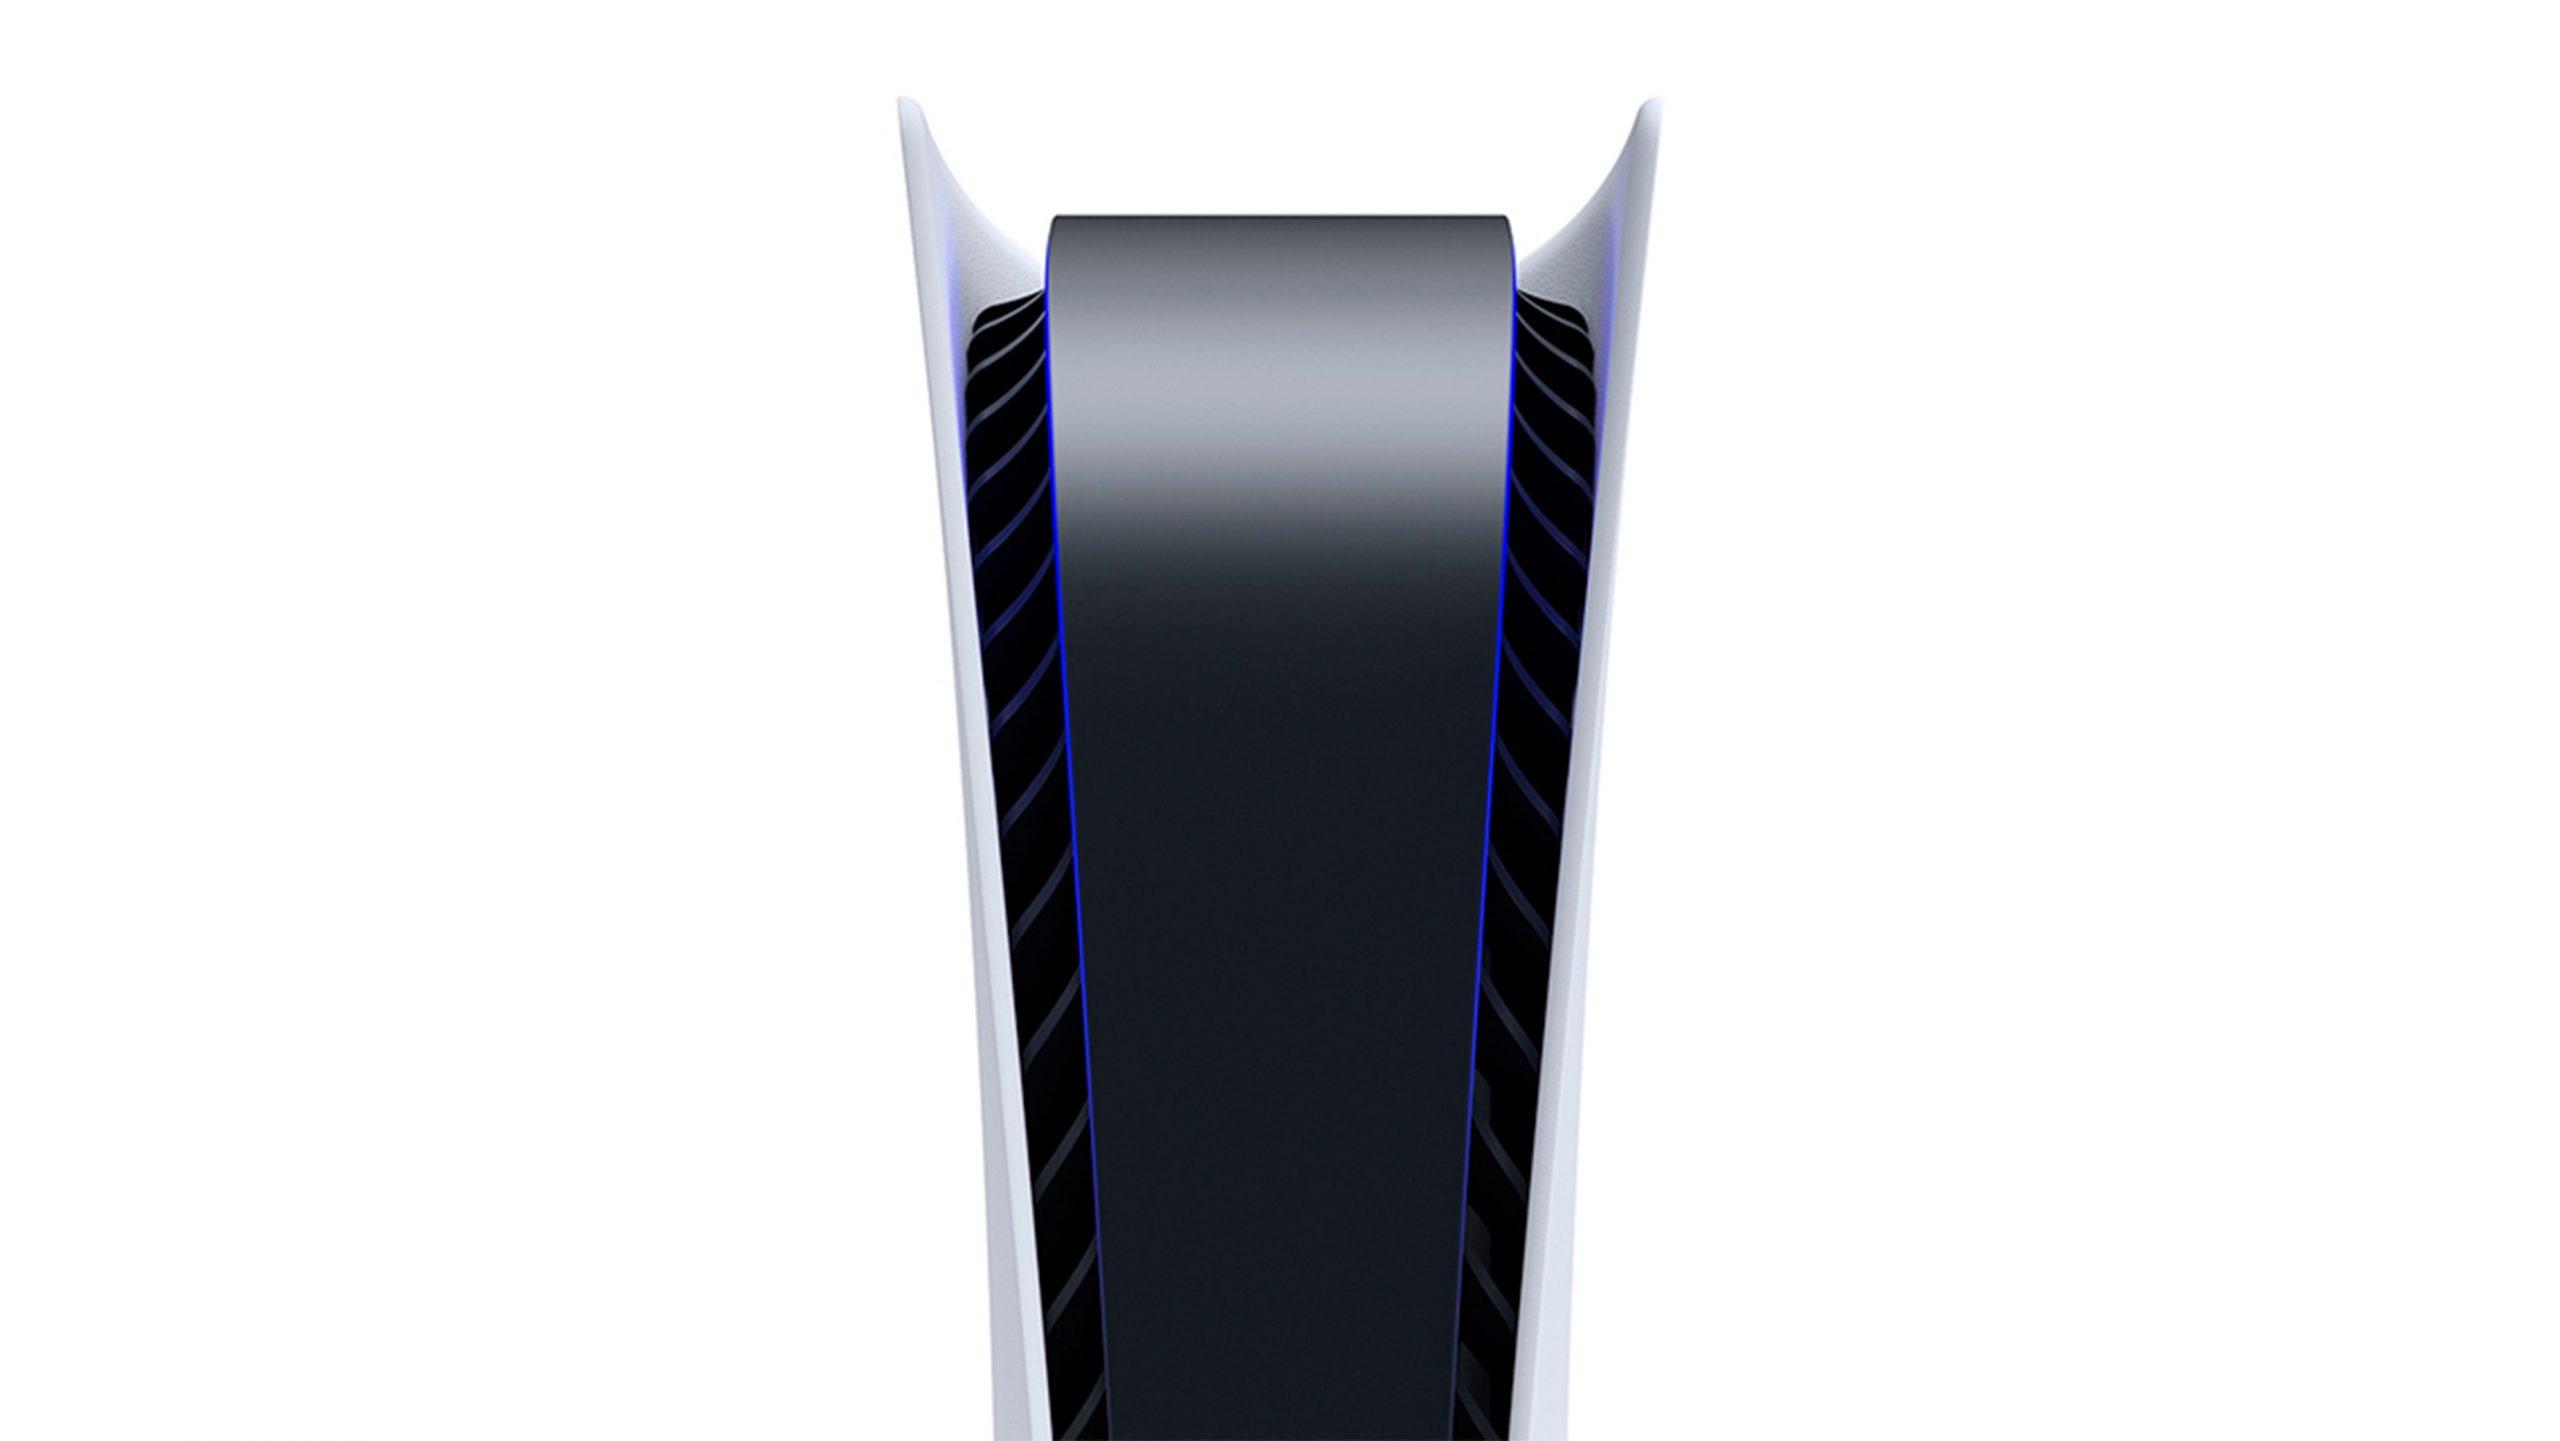 PS5 será lançado no Brasil em novembro com modelos de R$ 4.499 e R$ 4.999